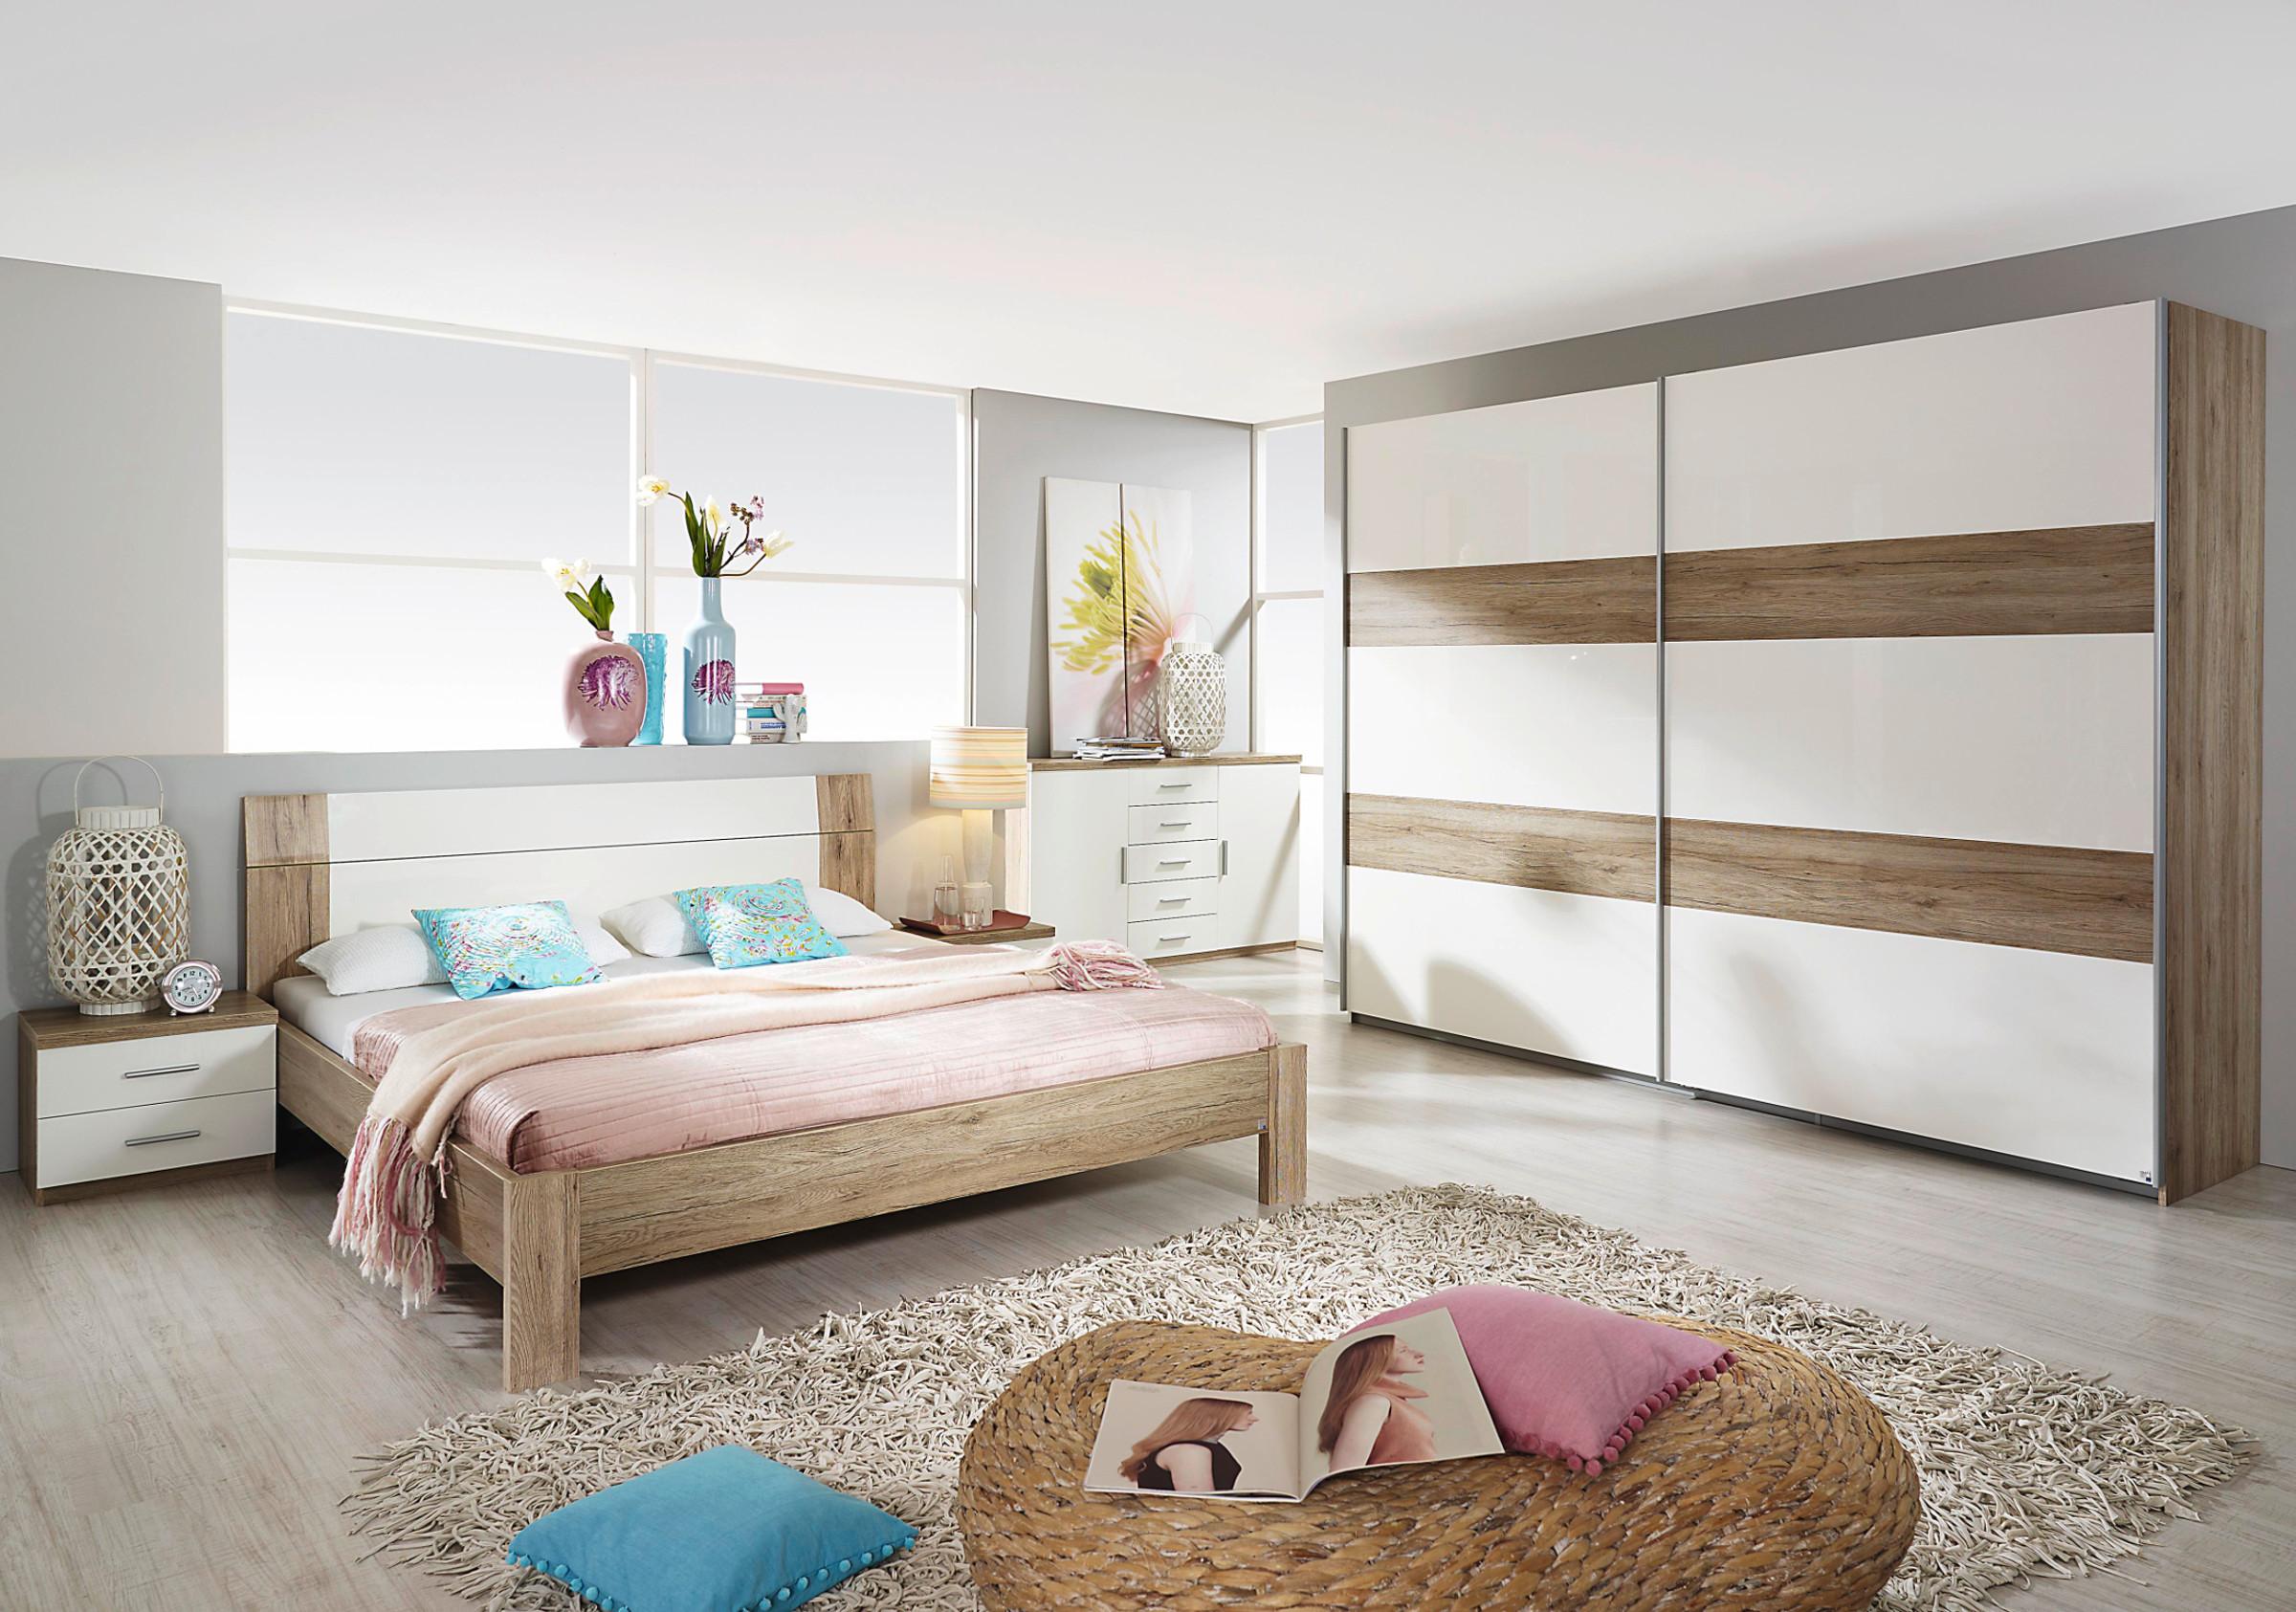 rauch schlafzimmer komplettangebot granada 4 teilig hochglanz ebay. Black Bedroom Furniture Sets. Home Design Ideas